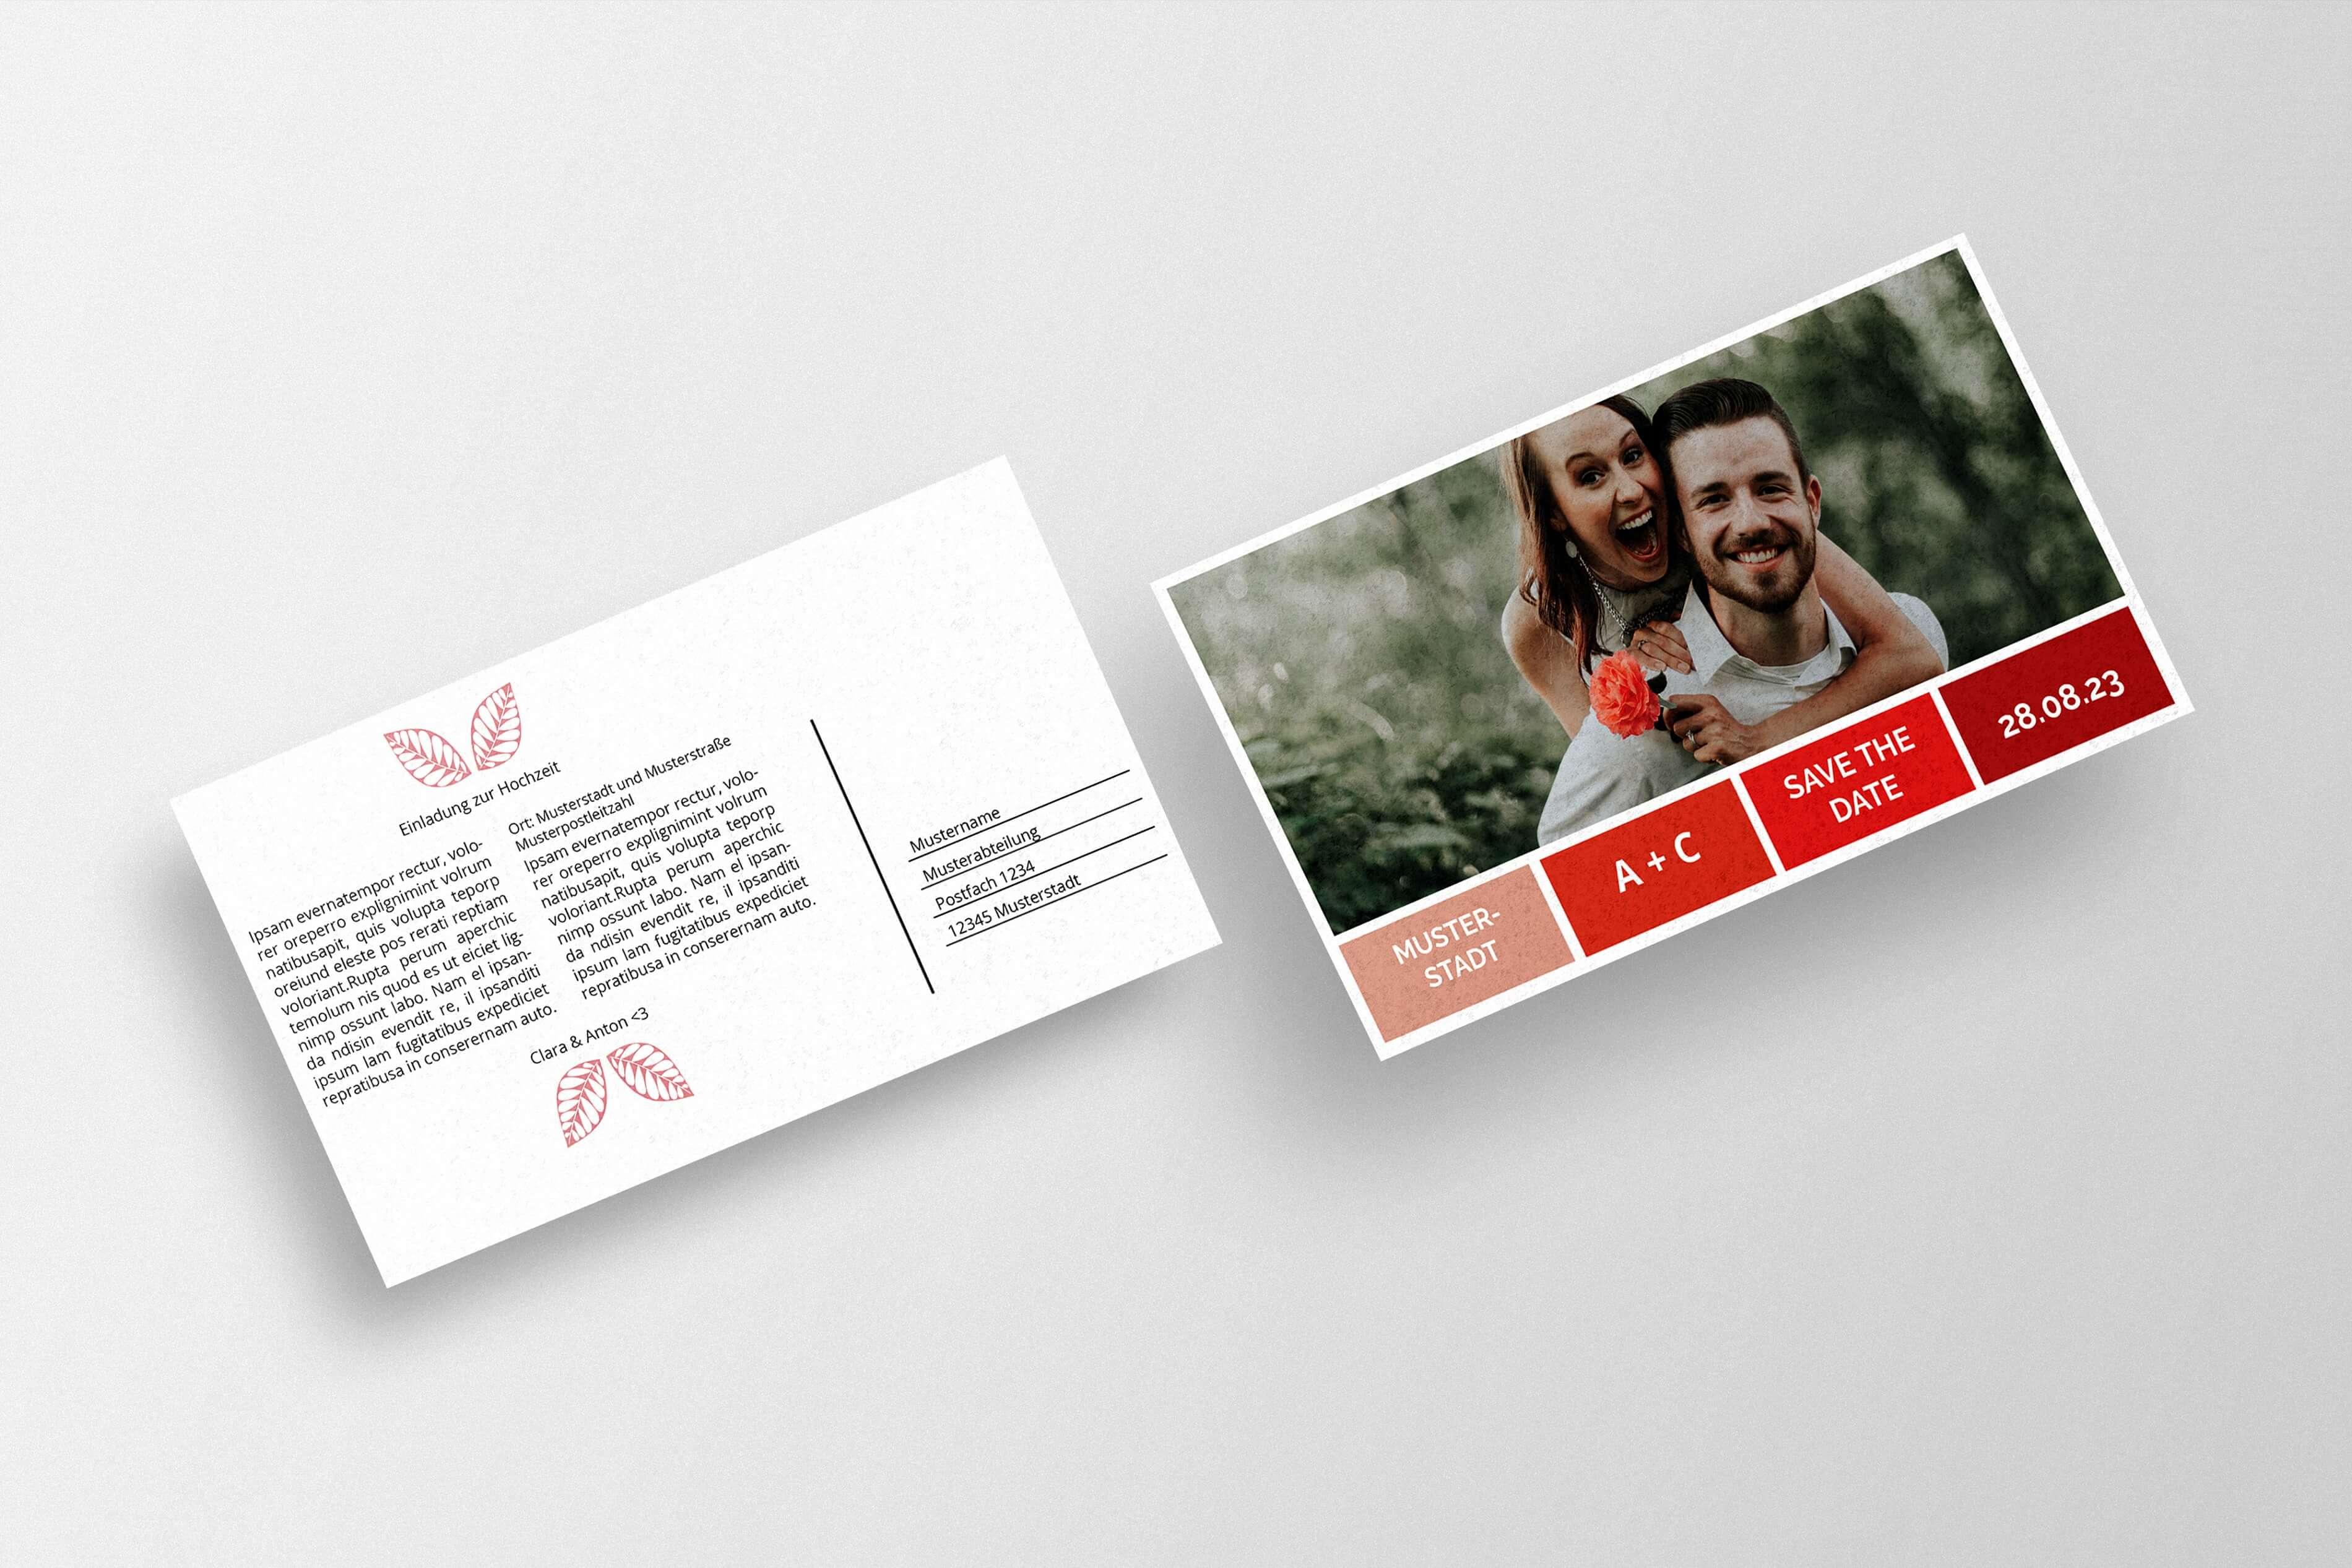 Save The Date-Karte zur Hochzeit erstellen und drucken